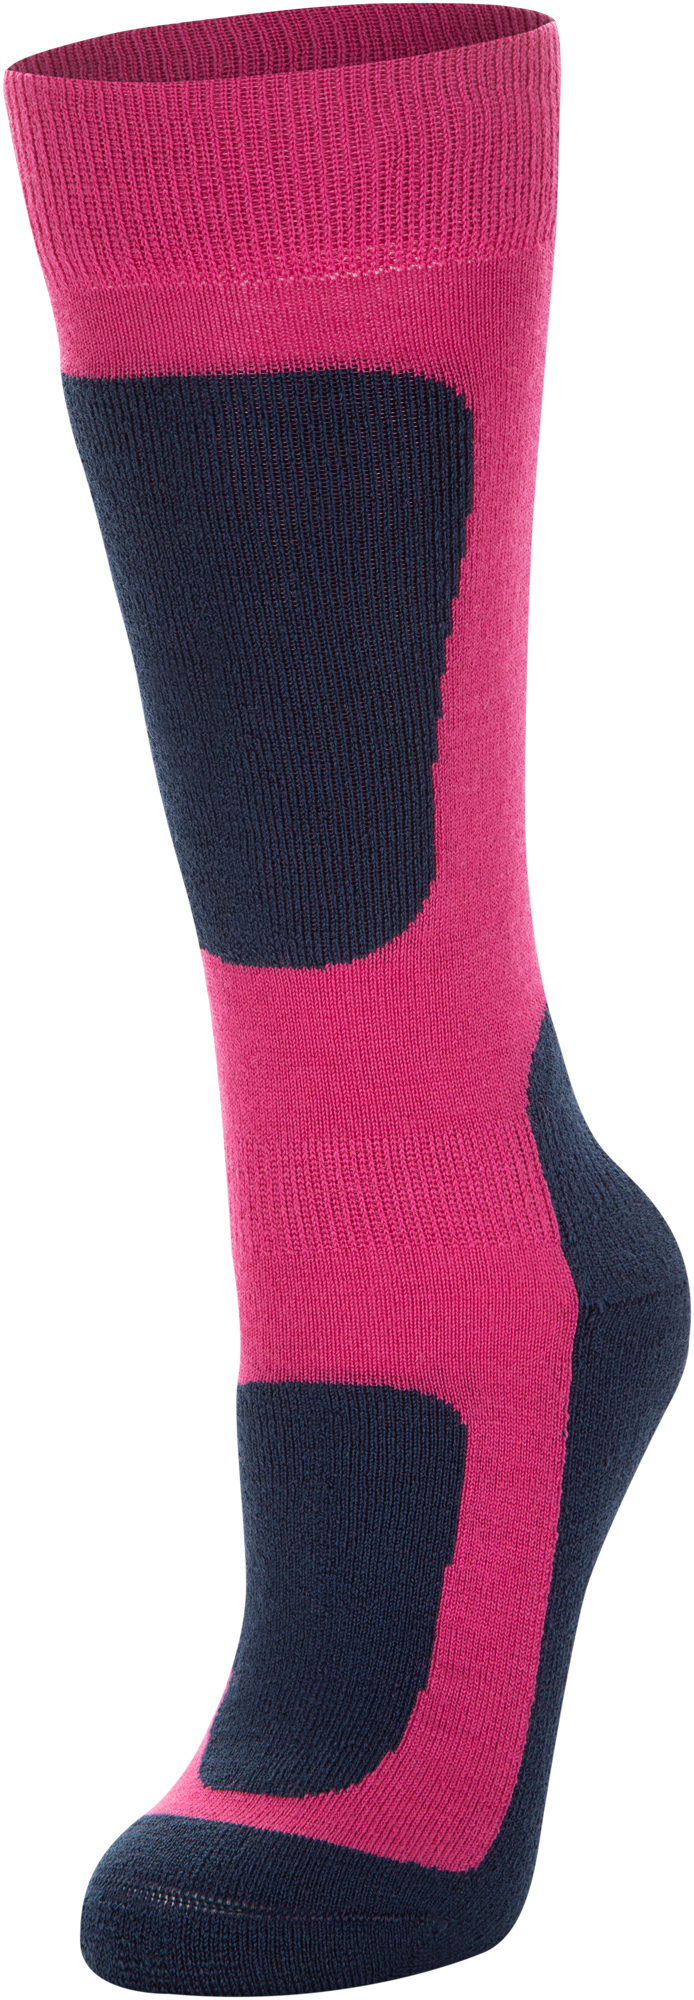 Glissade Носки для девочек Glissade, размер 34-36